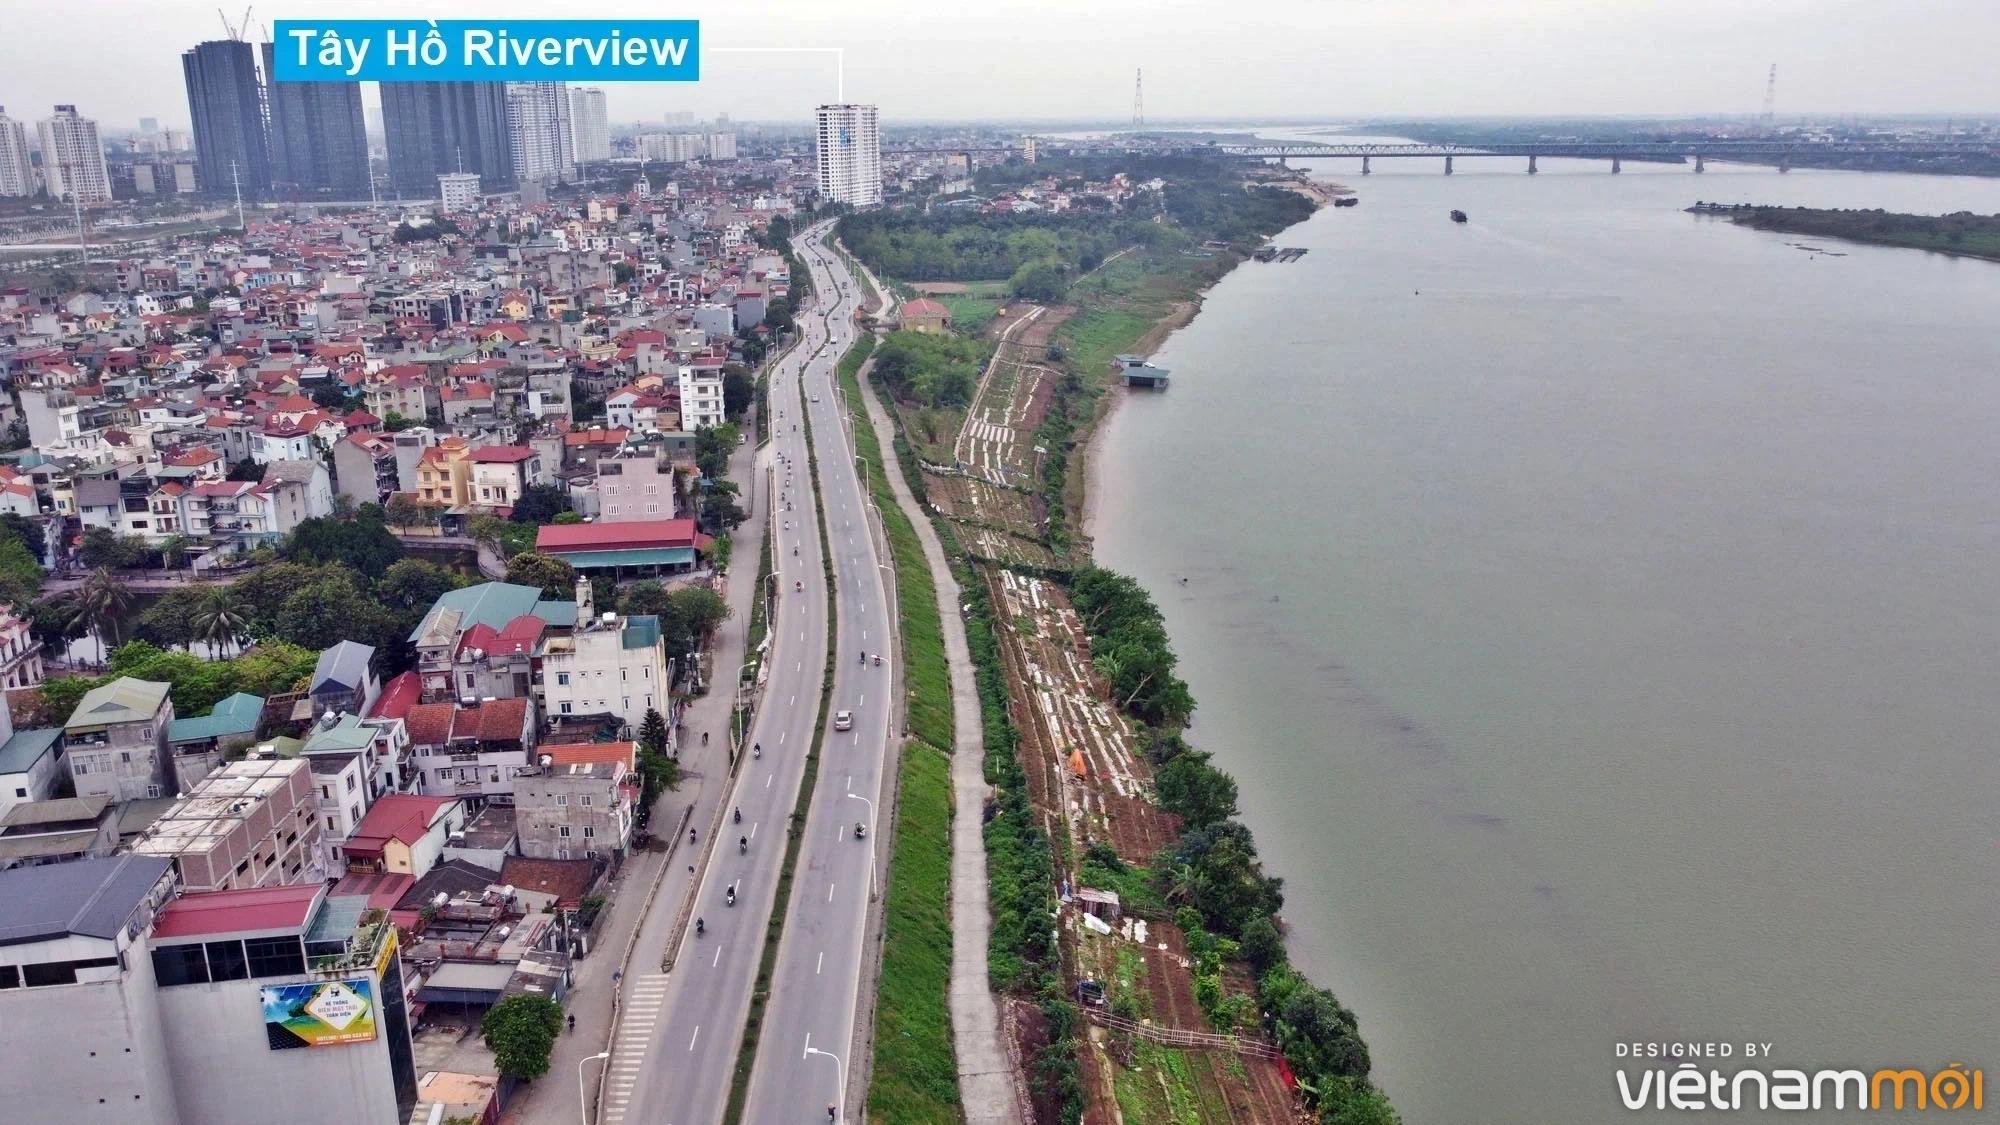 Toàn cảnh hiện trạng Phân khu đô thị sông Hồng trên địa bàn quận Tây Hồ - Ảnh 10.